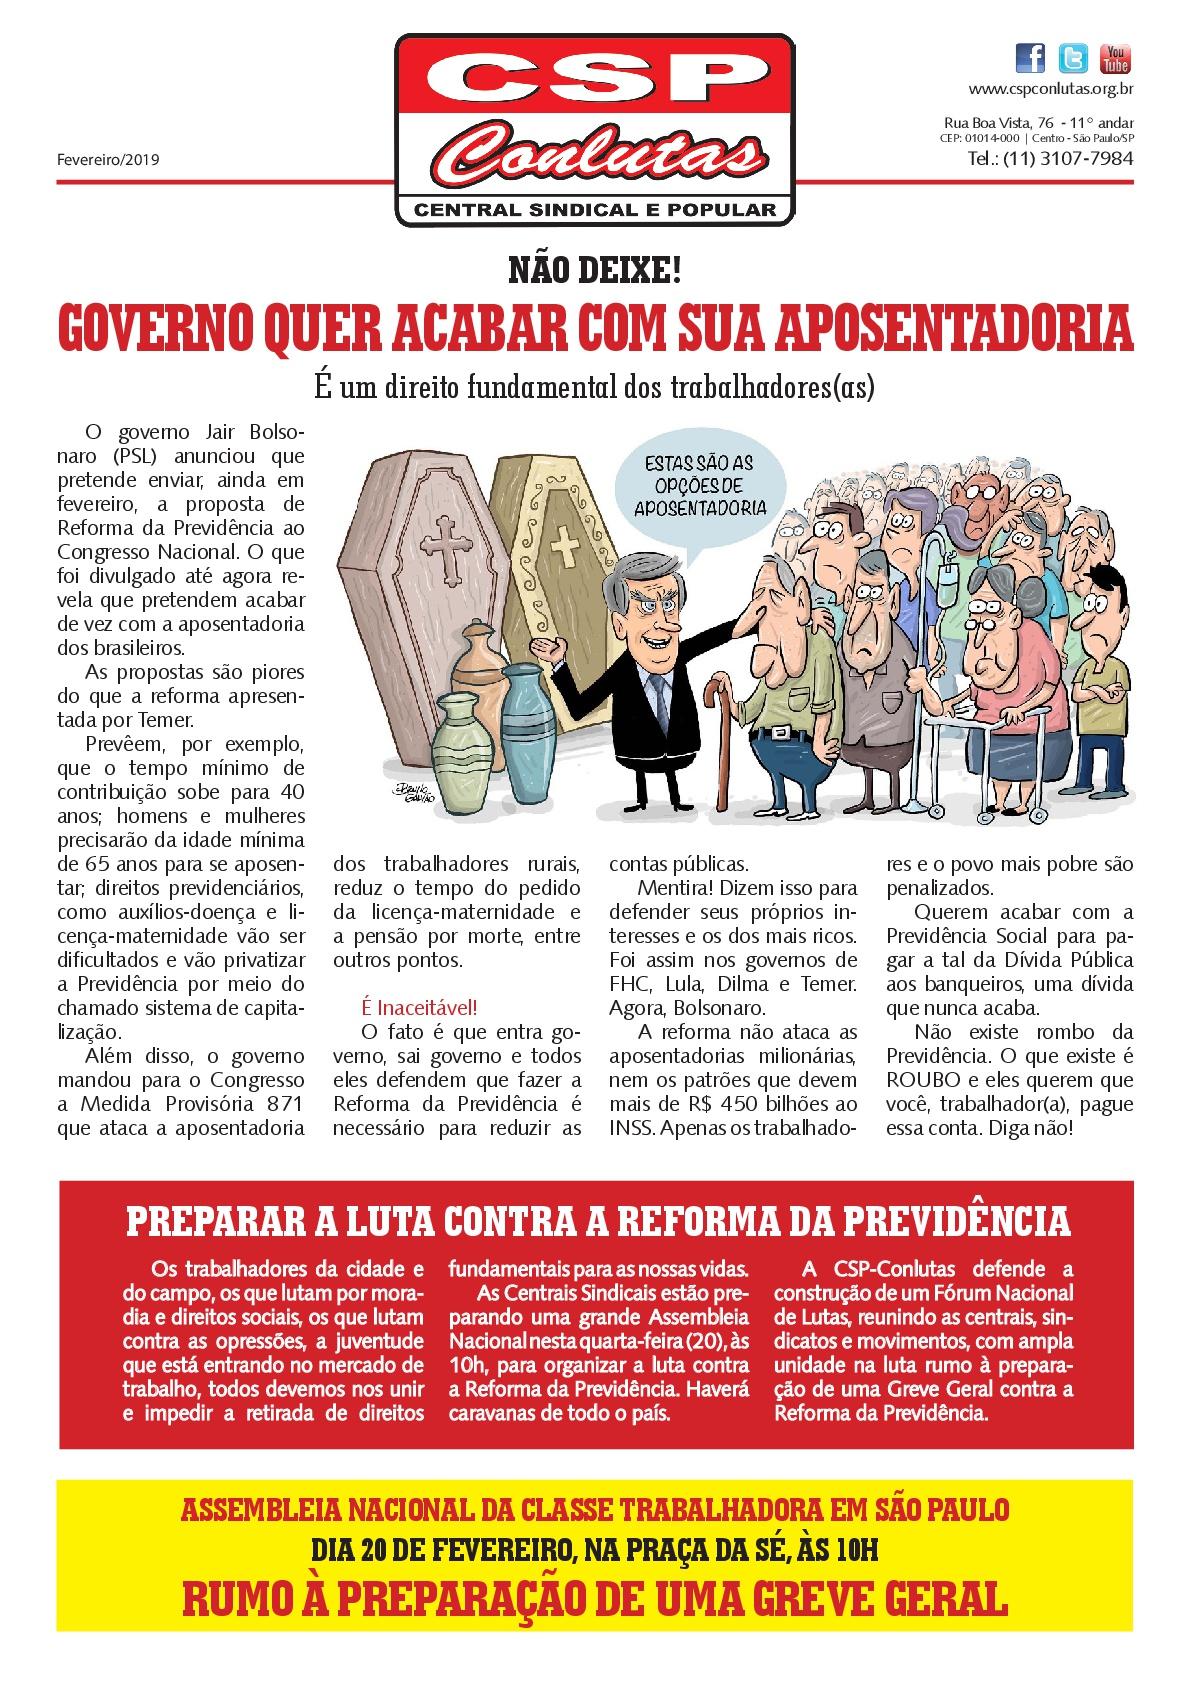 Boletim-Previdencia-editado---fevereiro-2019-001